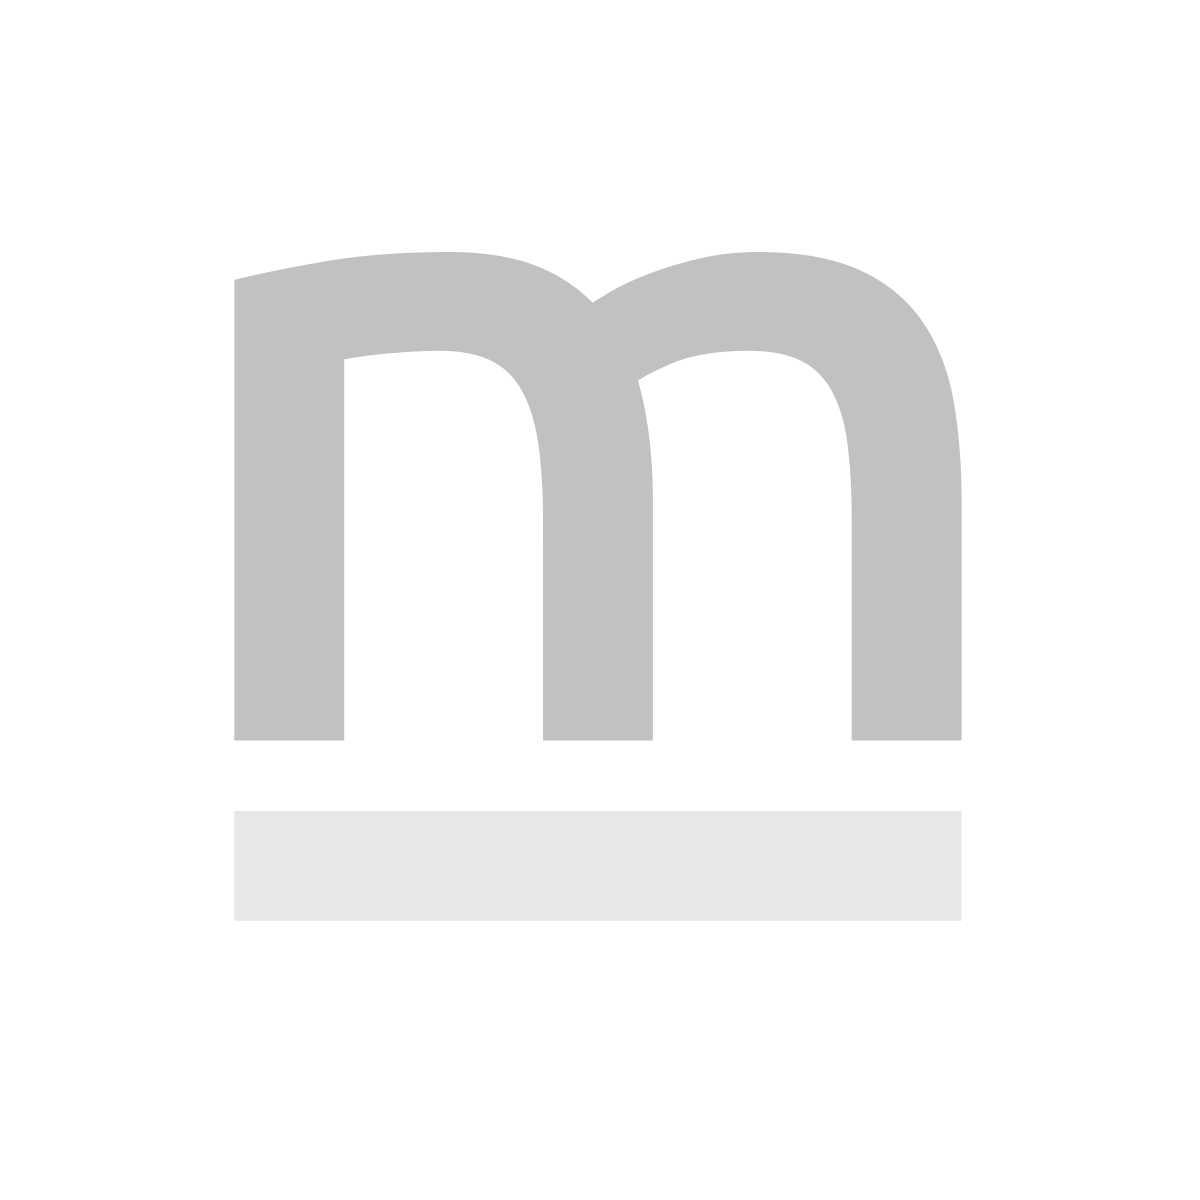 Dywan dziecięcy PUFFY LOVE NUDE 160x180 różowy